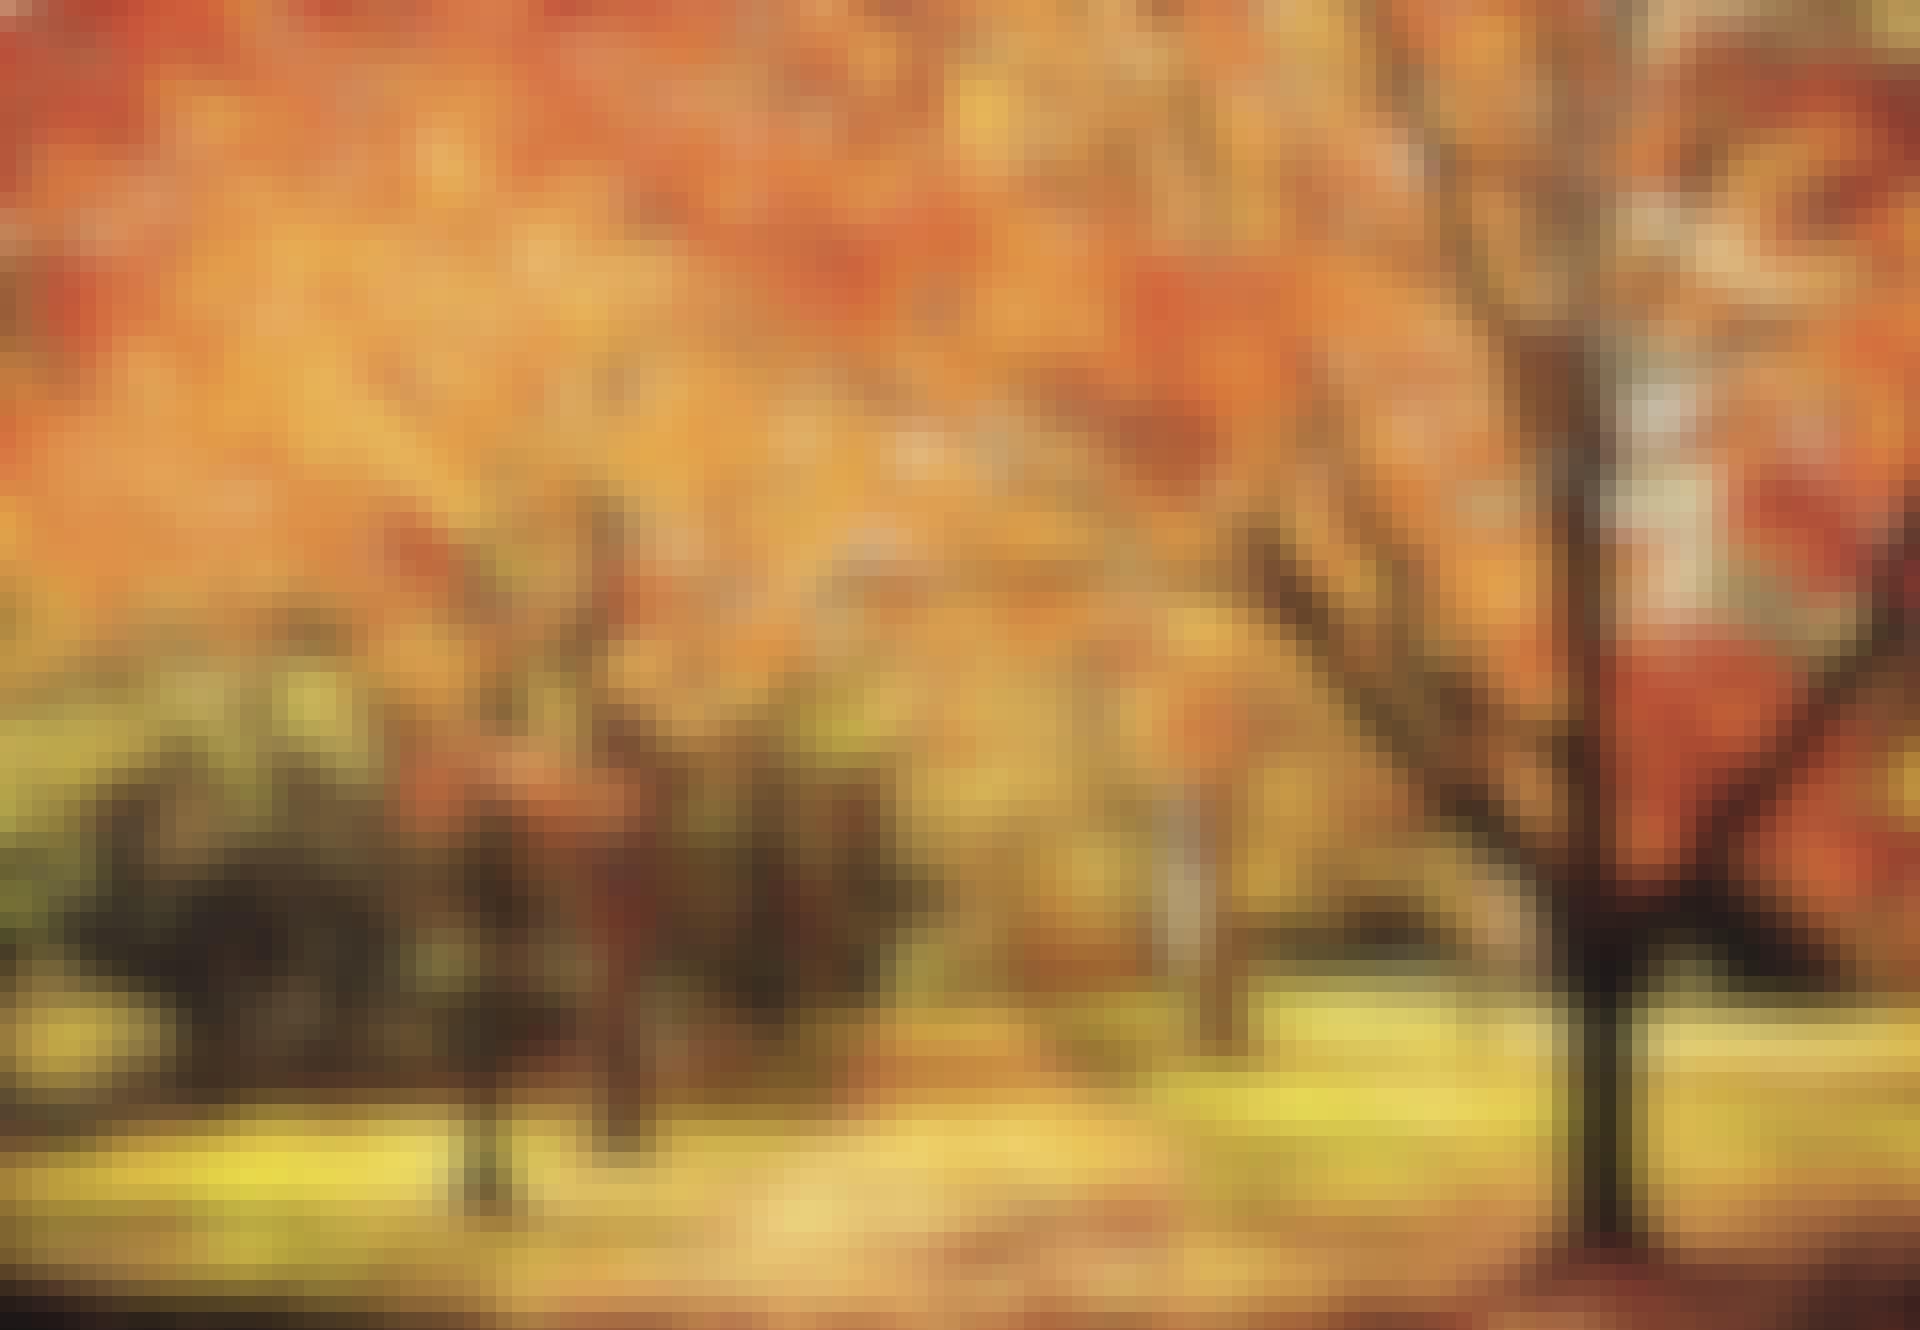 Efterårsjævndøgn - efterårslandskab